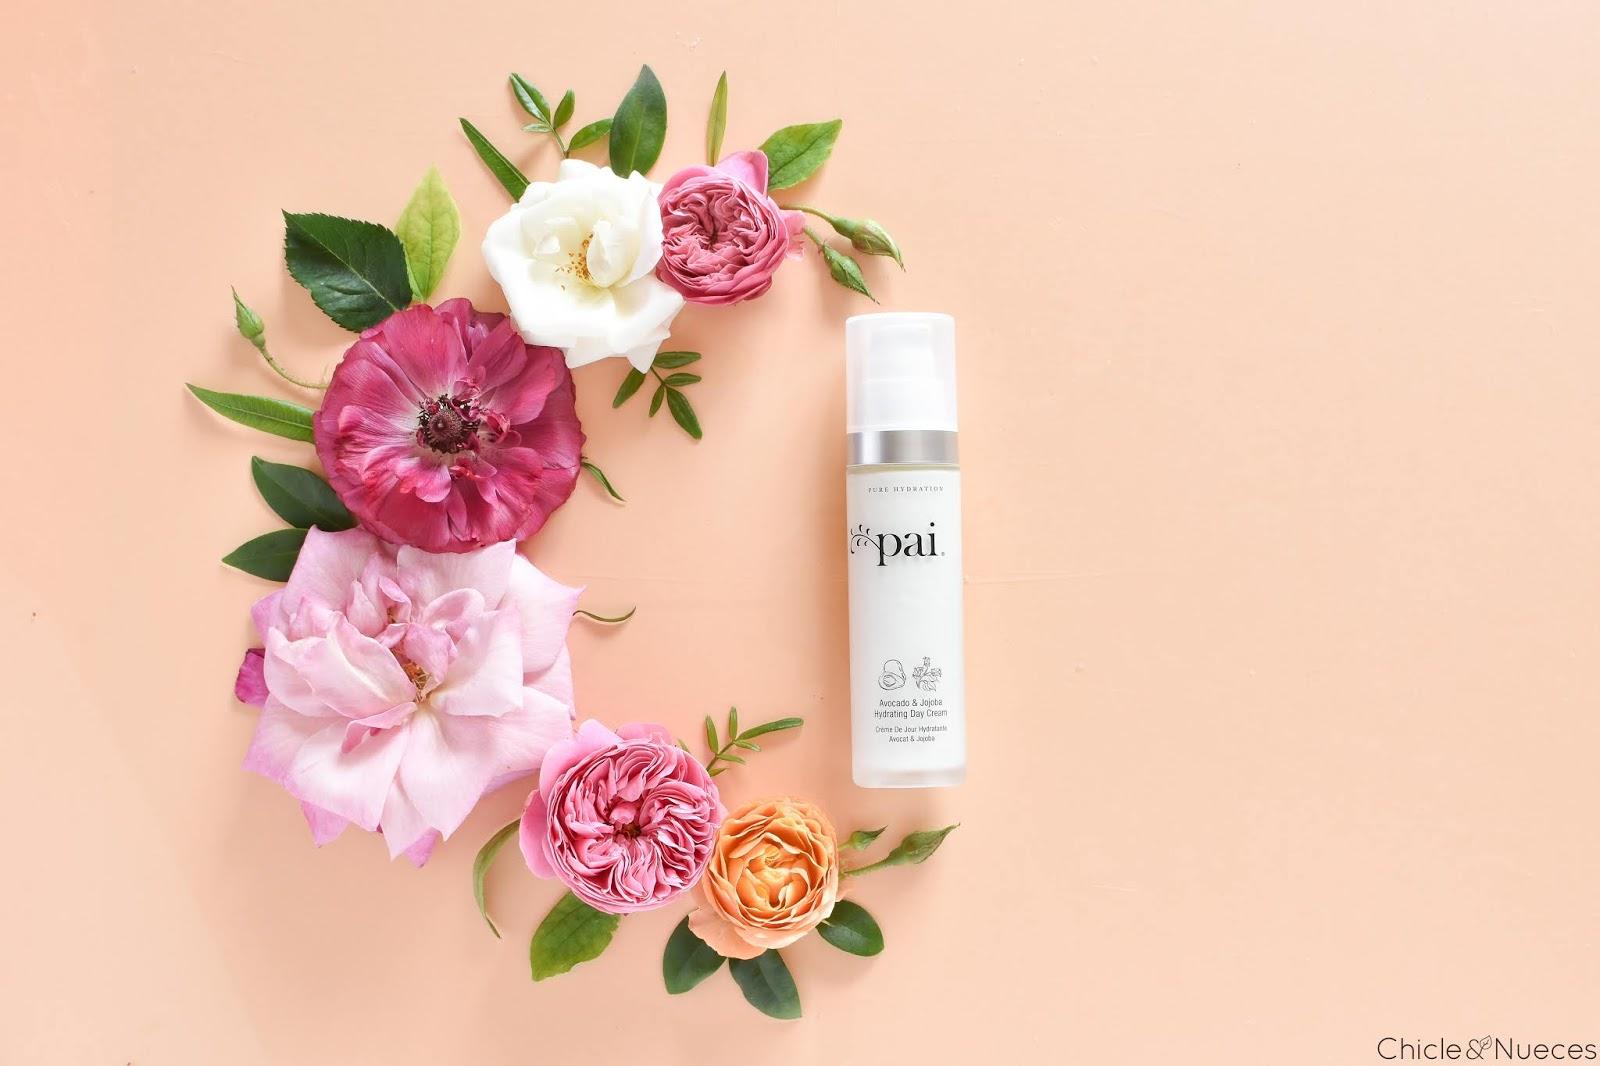 Pai Skincare: Crema de Aguacate y Jojoba